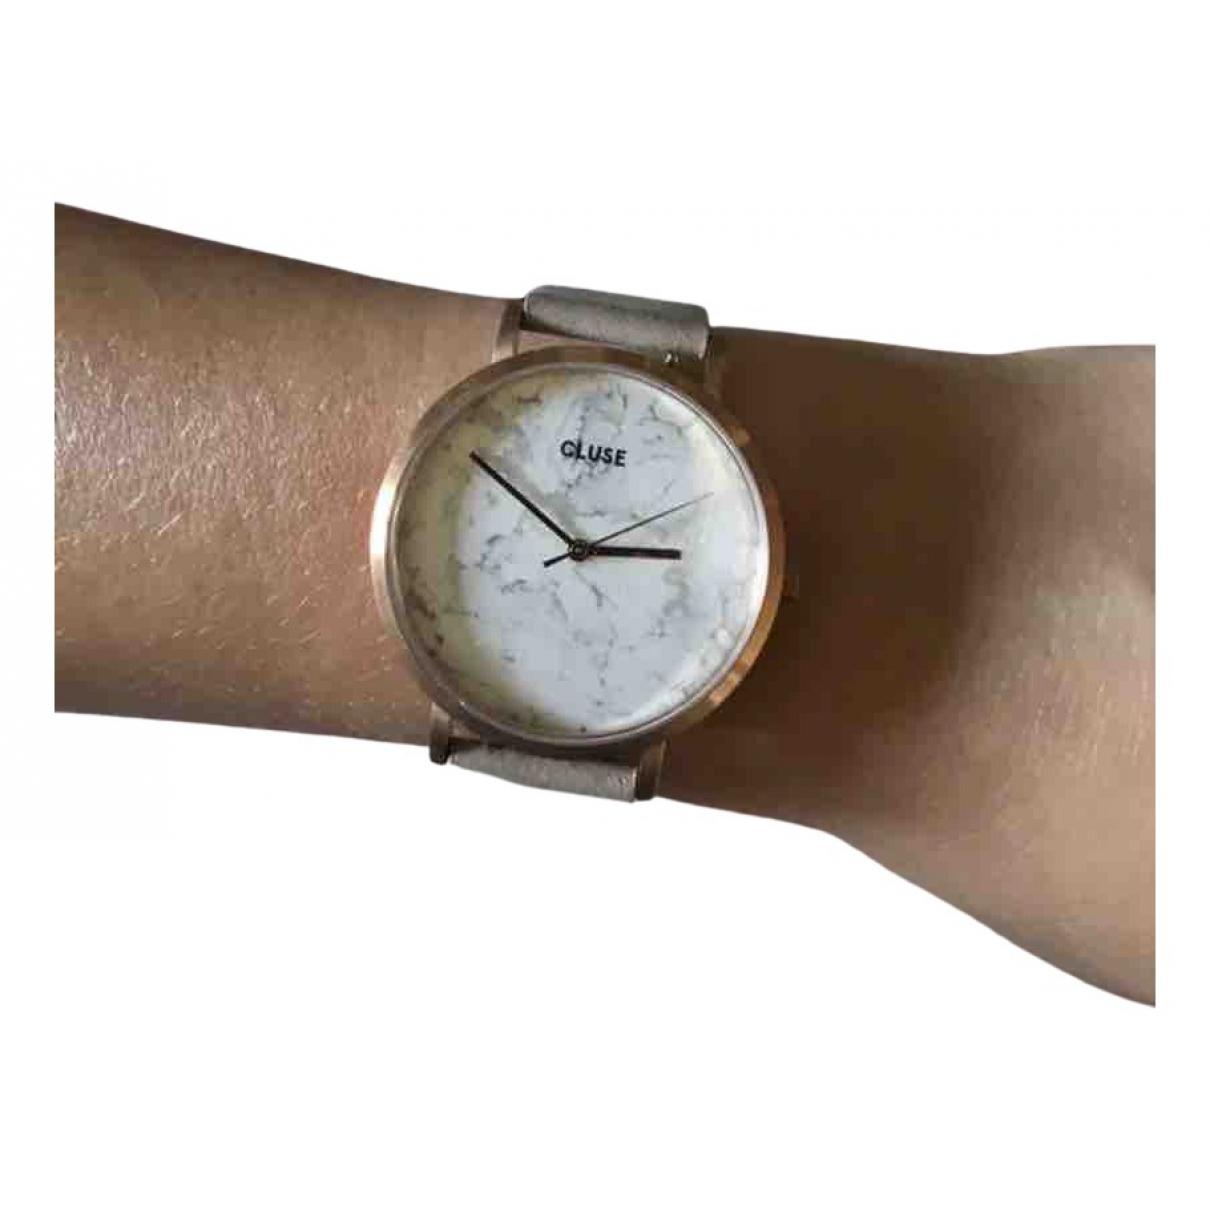 Cluse \N Uhr in  Grau Stahl